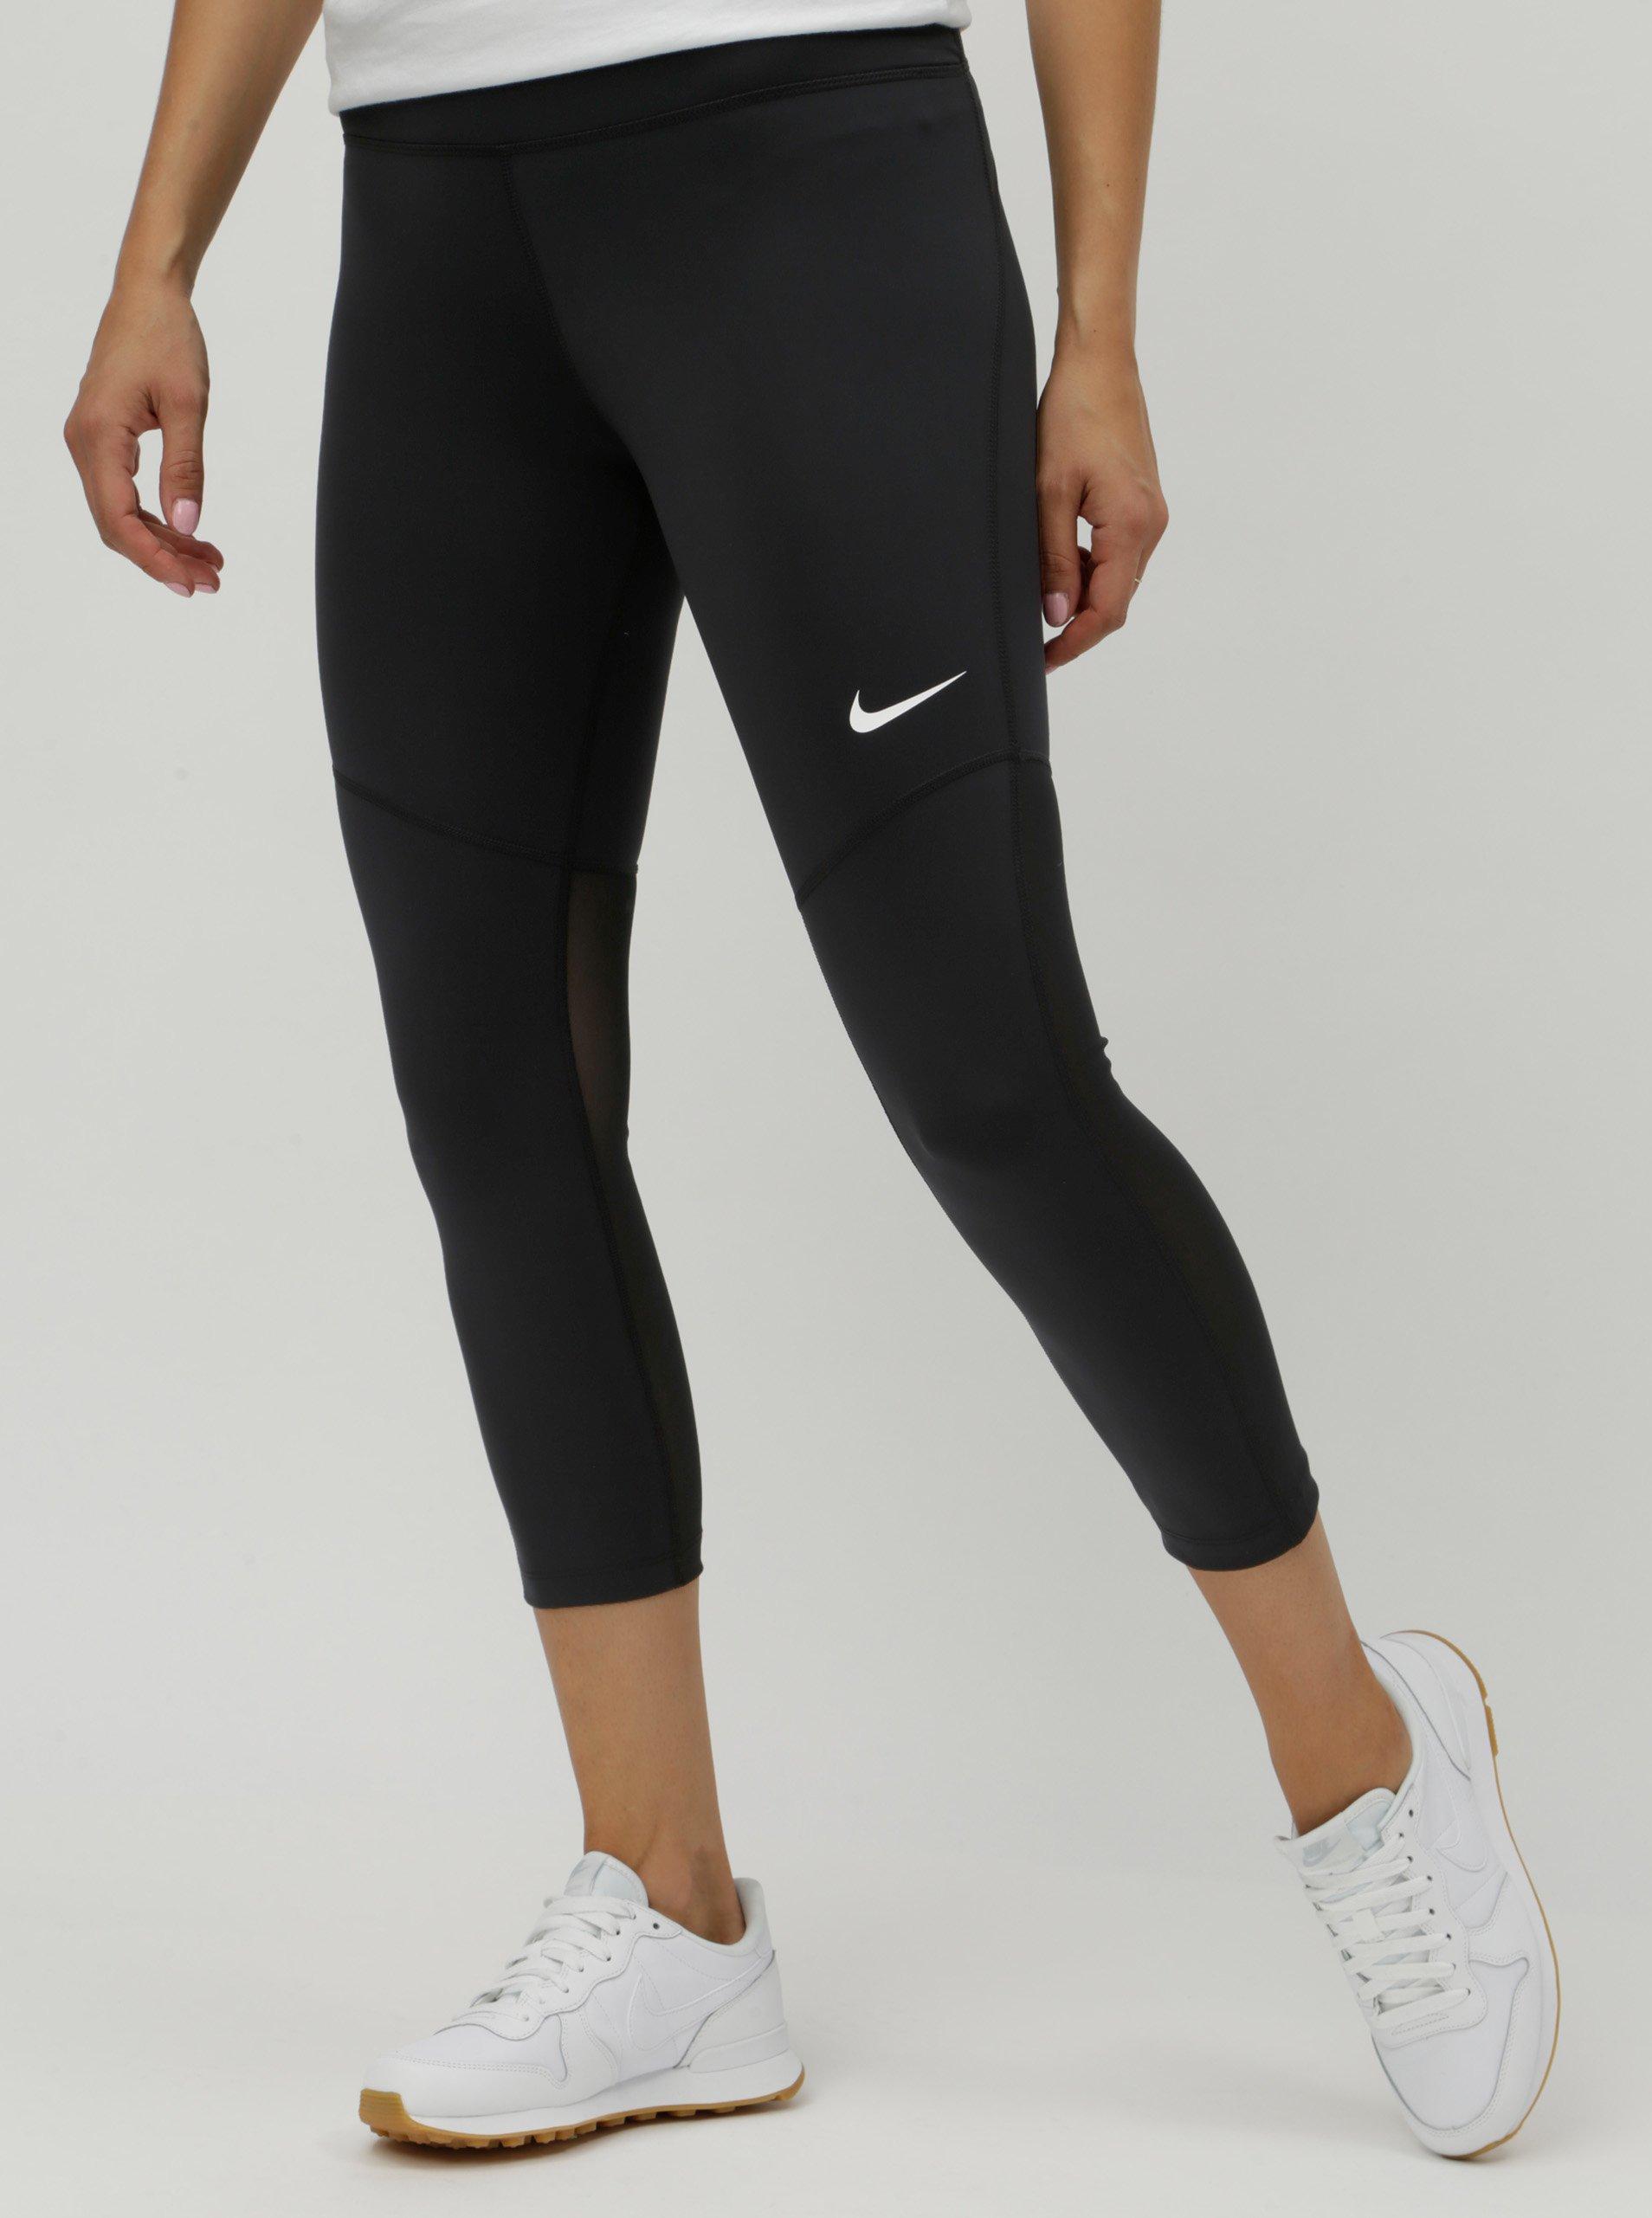 30387c14f070 Čierne dámske legíny s priesvitnými detailmi Nike Fly Victory